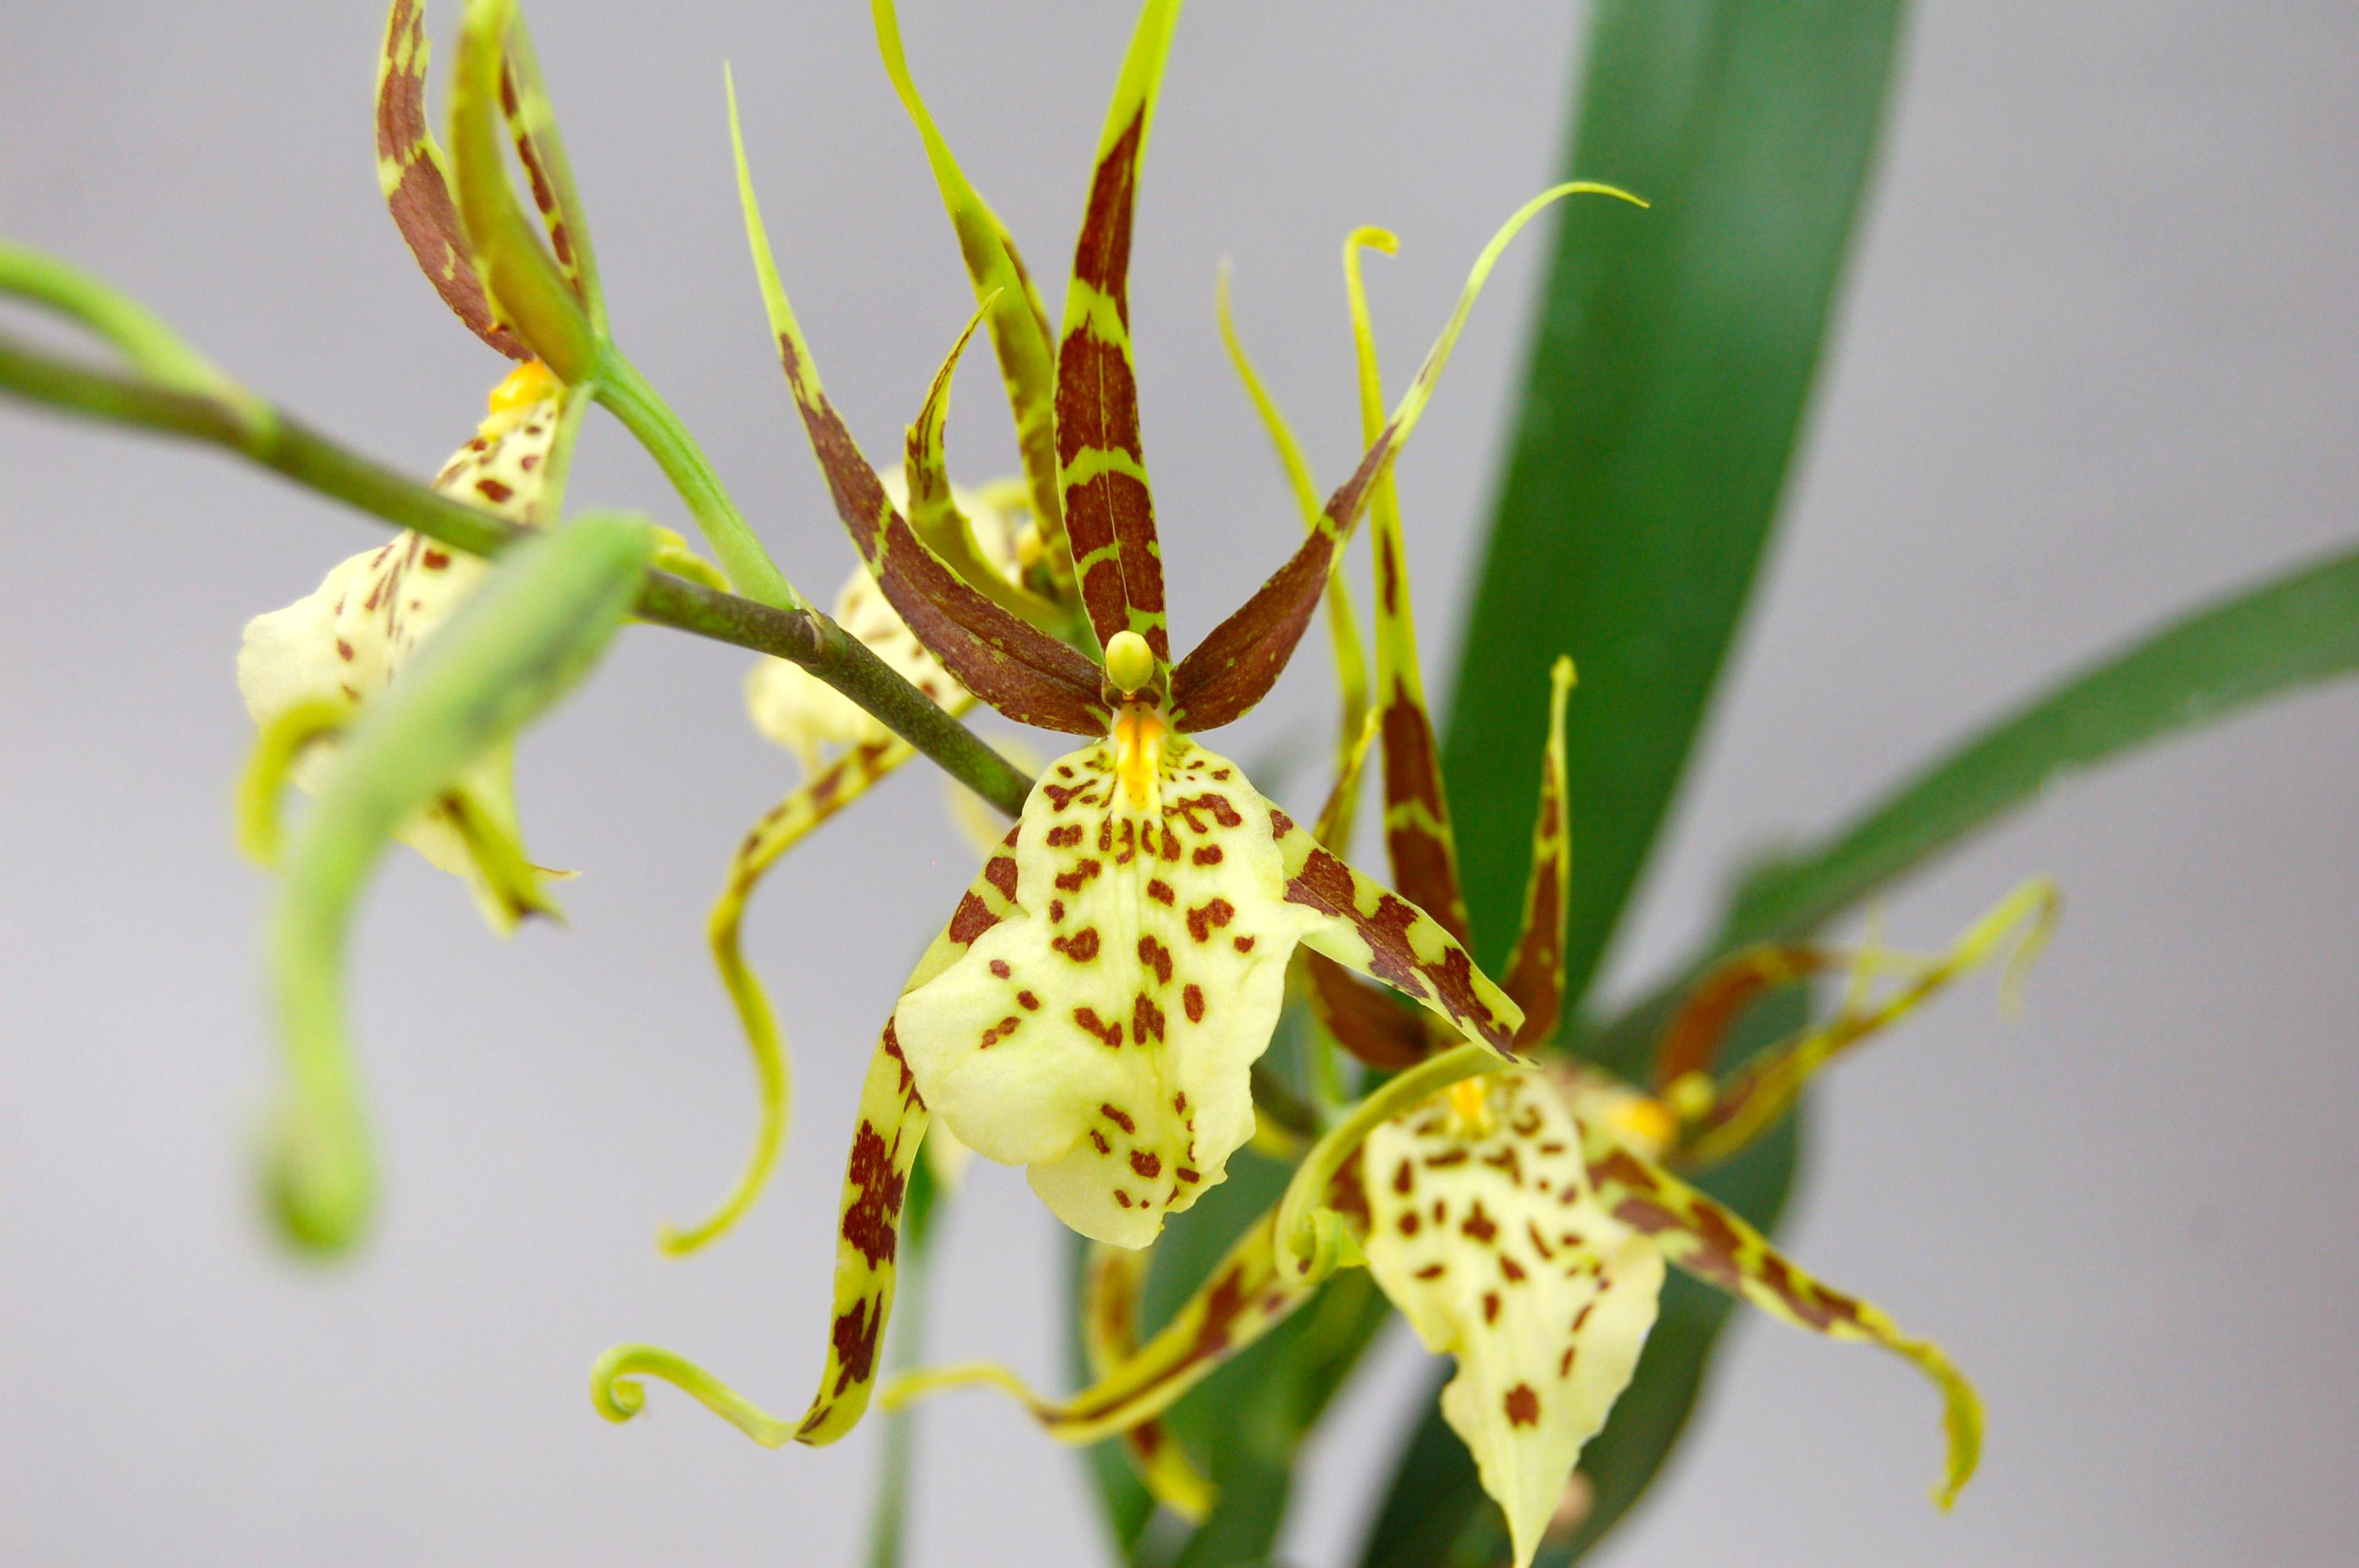 Gėlės nuotrauka. (Pavadinimas: Orchidėja brassia)